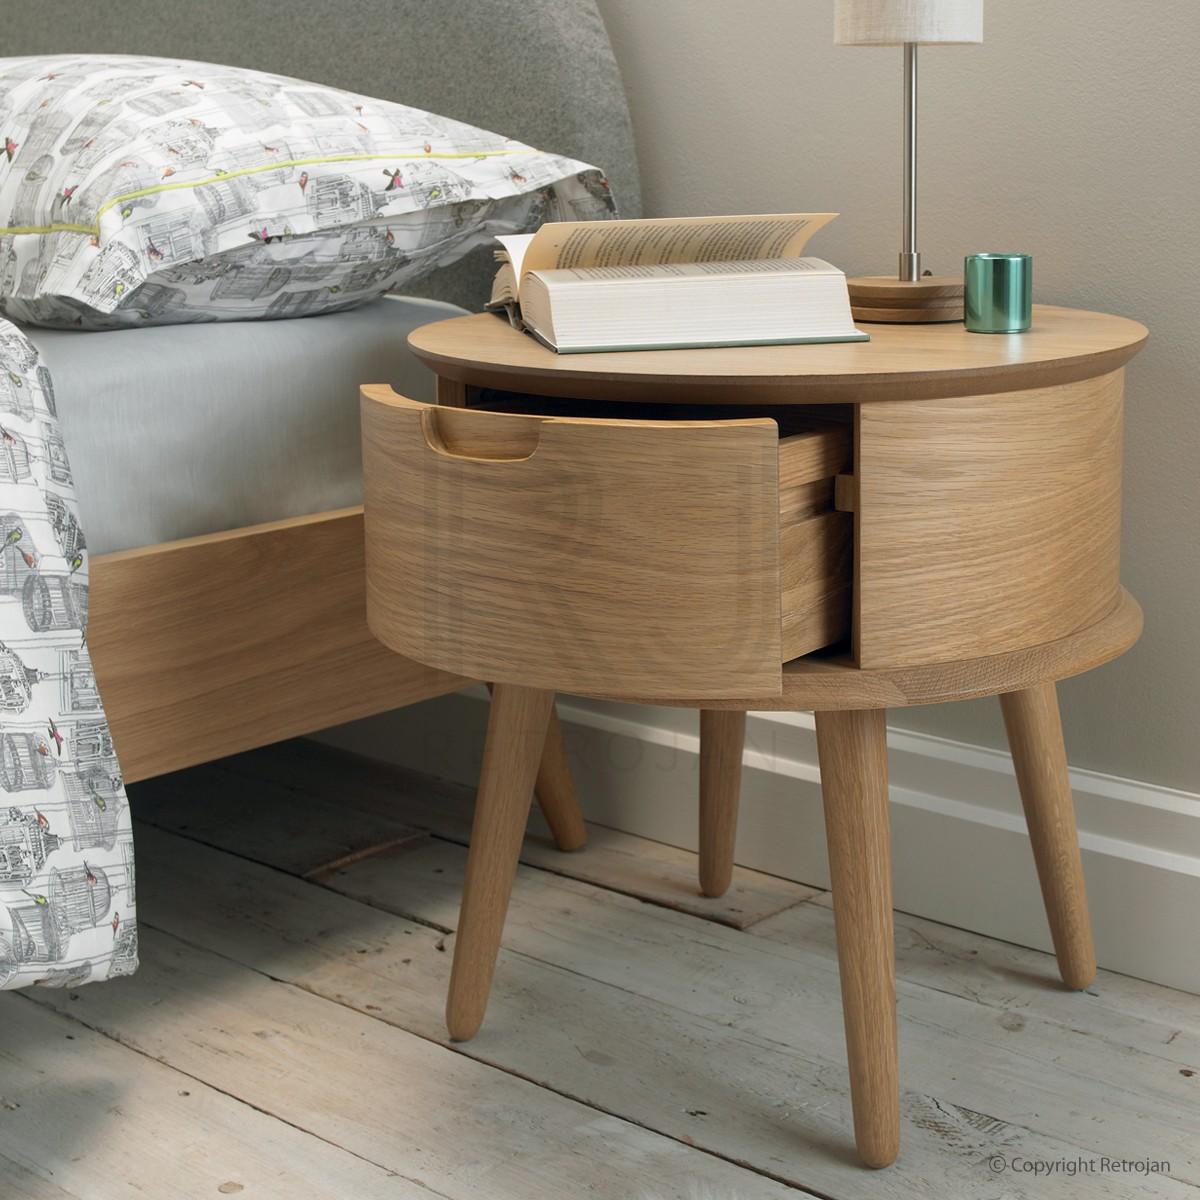 táp đầu giường gỗ công nghiệp, tủ đầu giường gỗ công nghiệp tiện ích